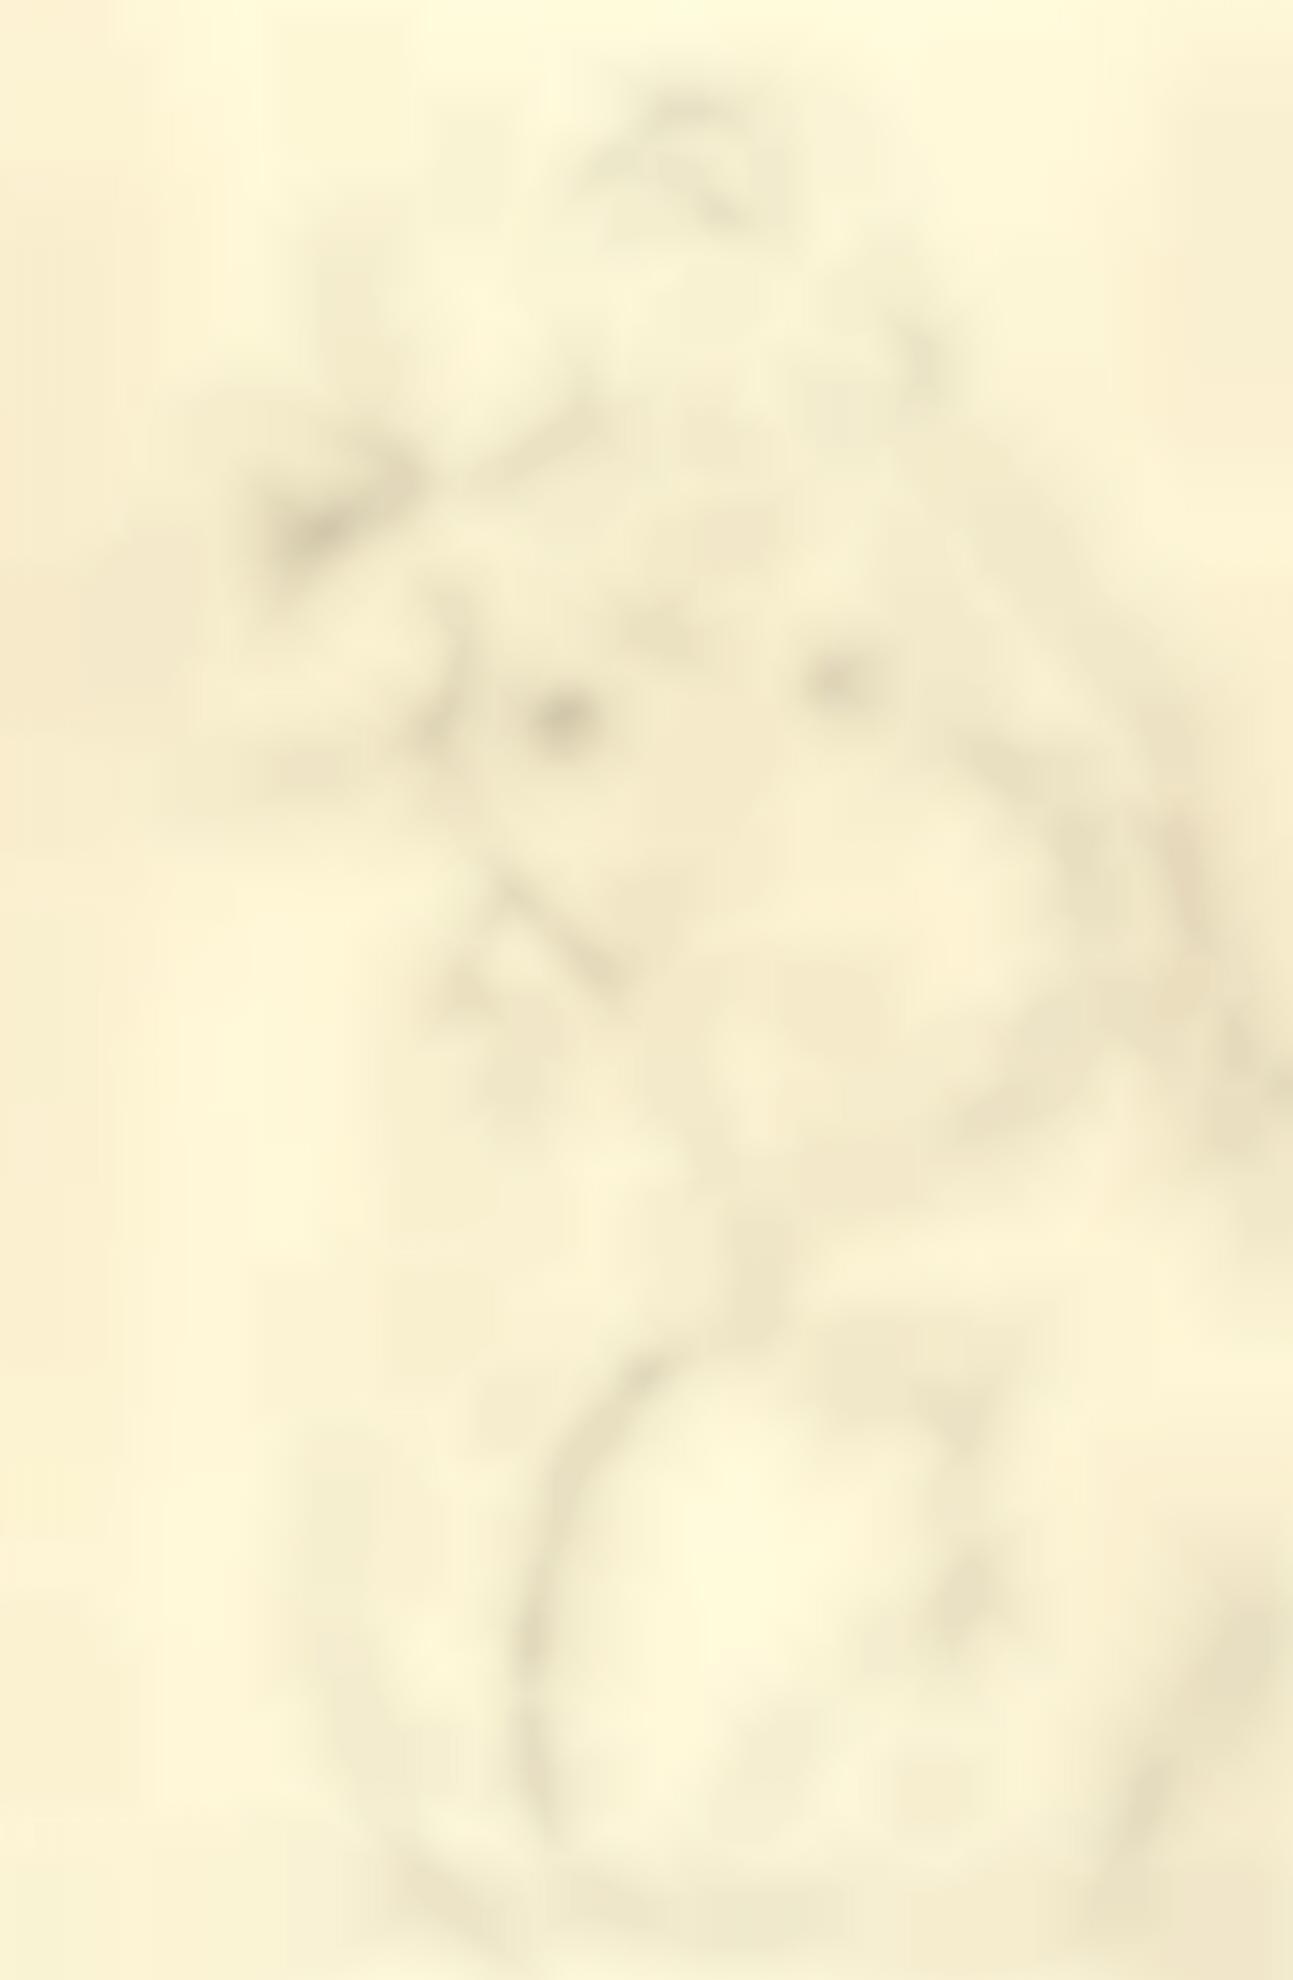 Gustav Klimt-Halbakt, Die Rechte Hand Auf Die Schulter Gelegt (Nude With Right Hand On Shoulder)-1915